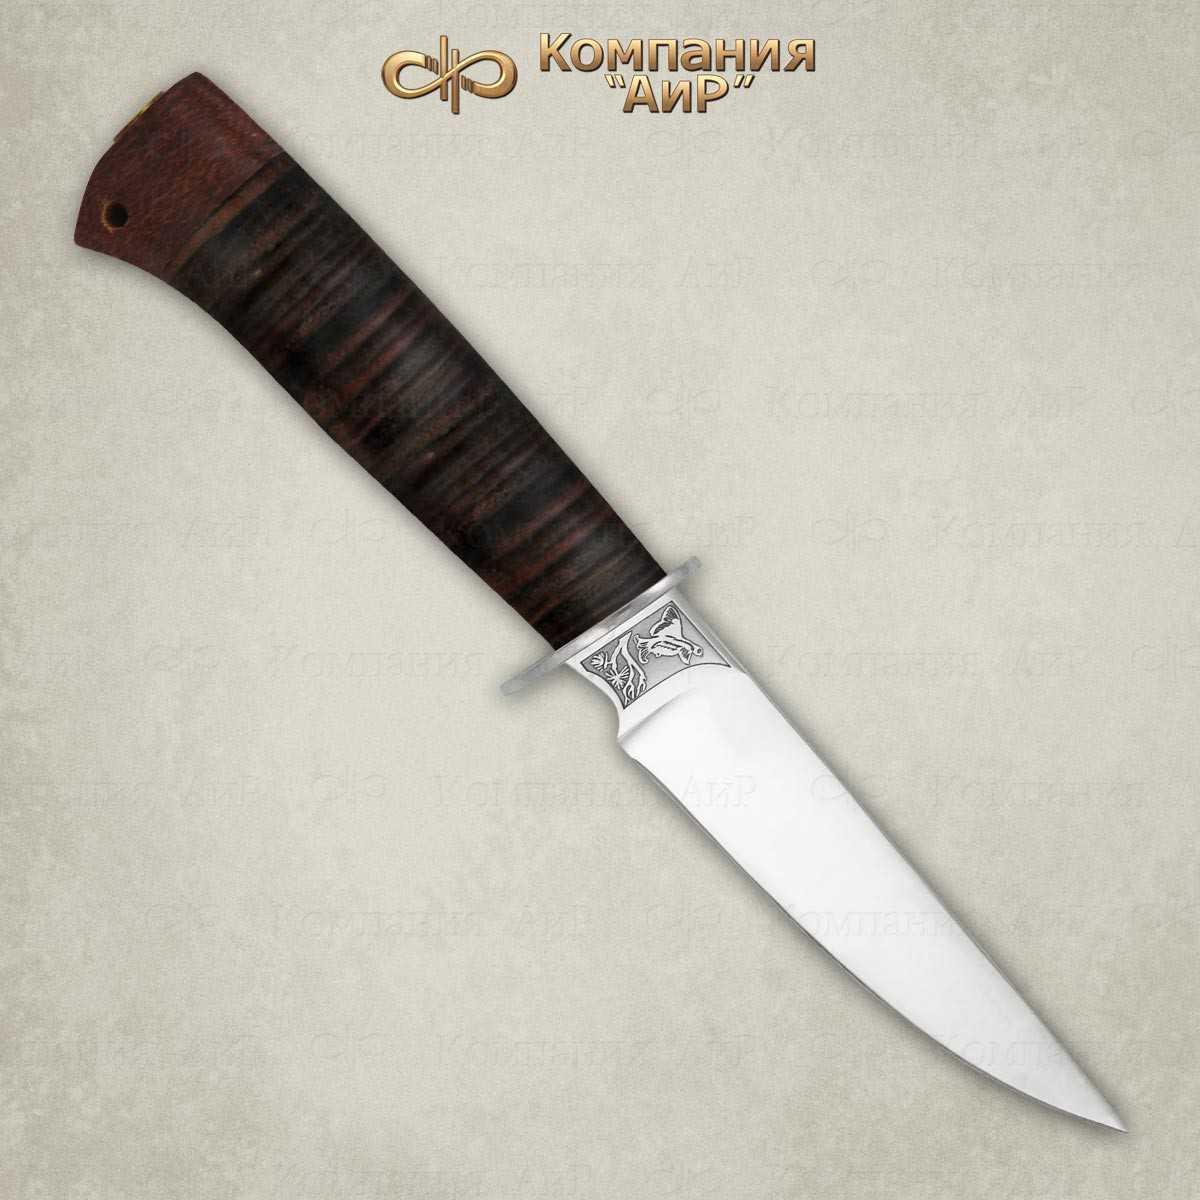 Нож Тетерев, АиР, кожа, 100х13м